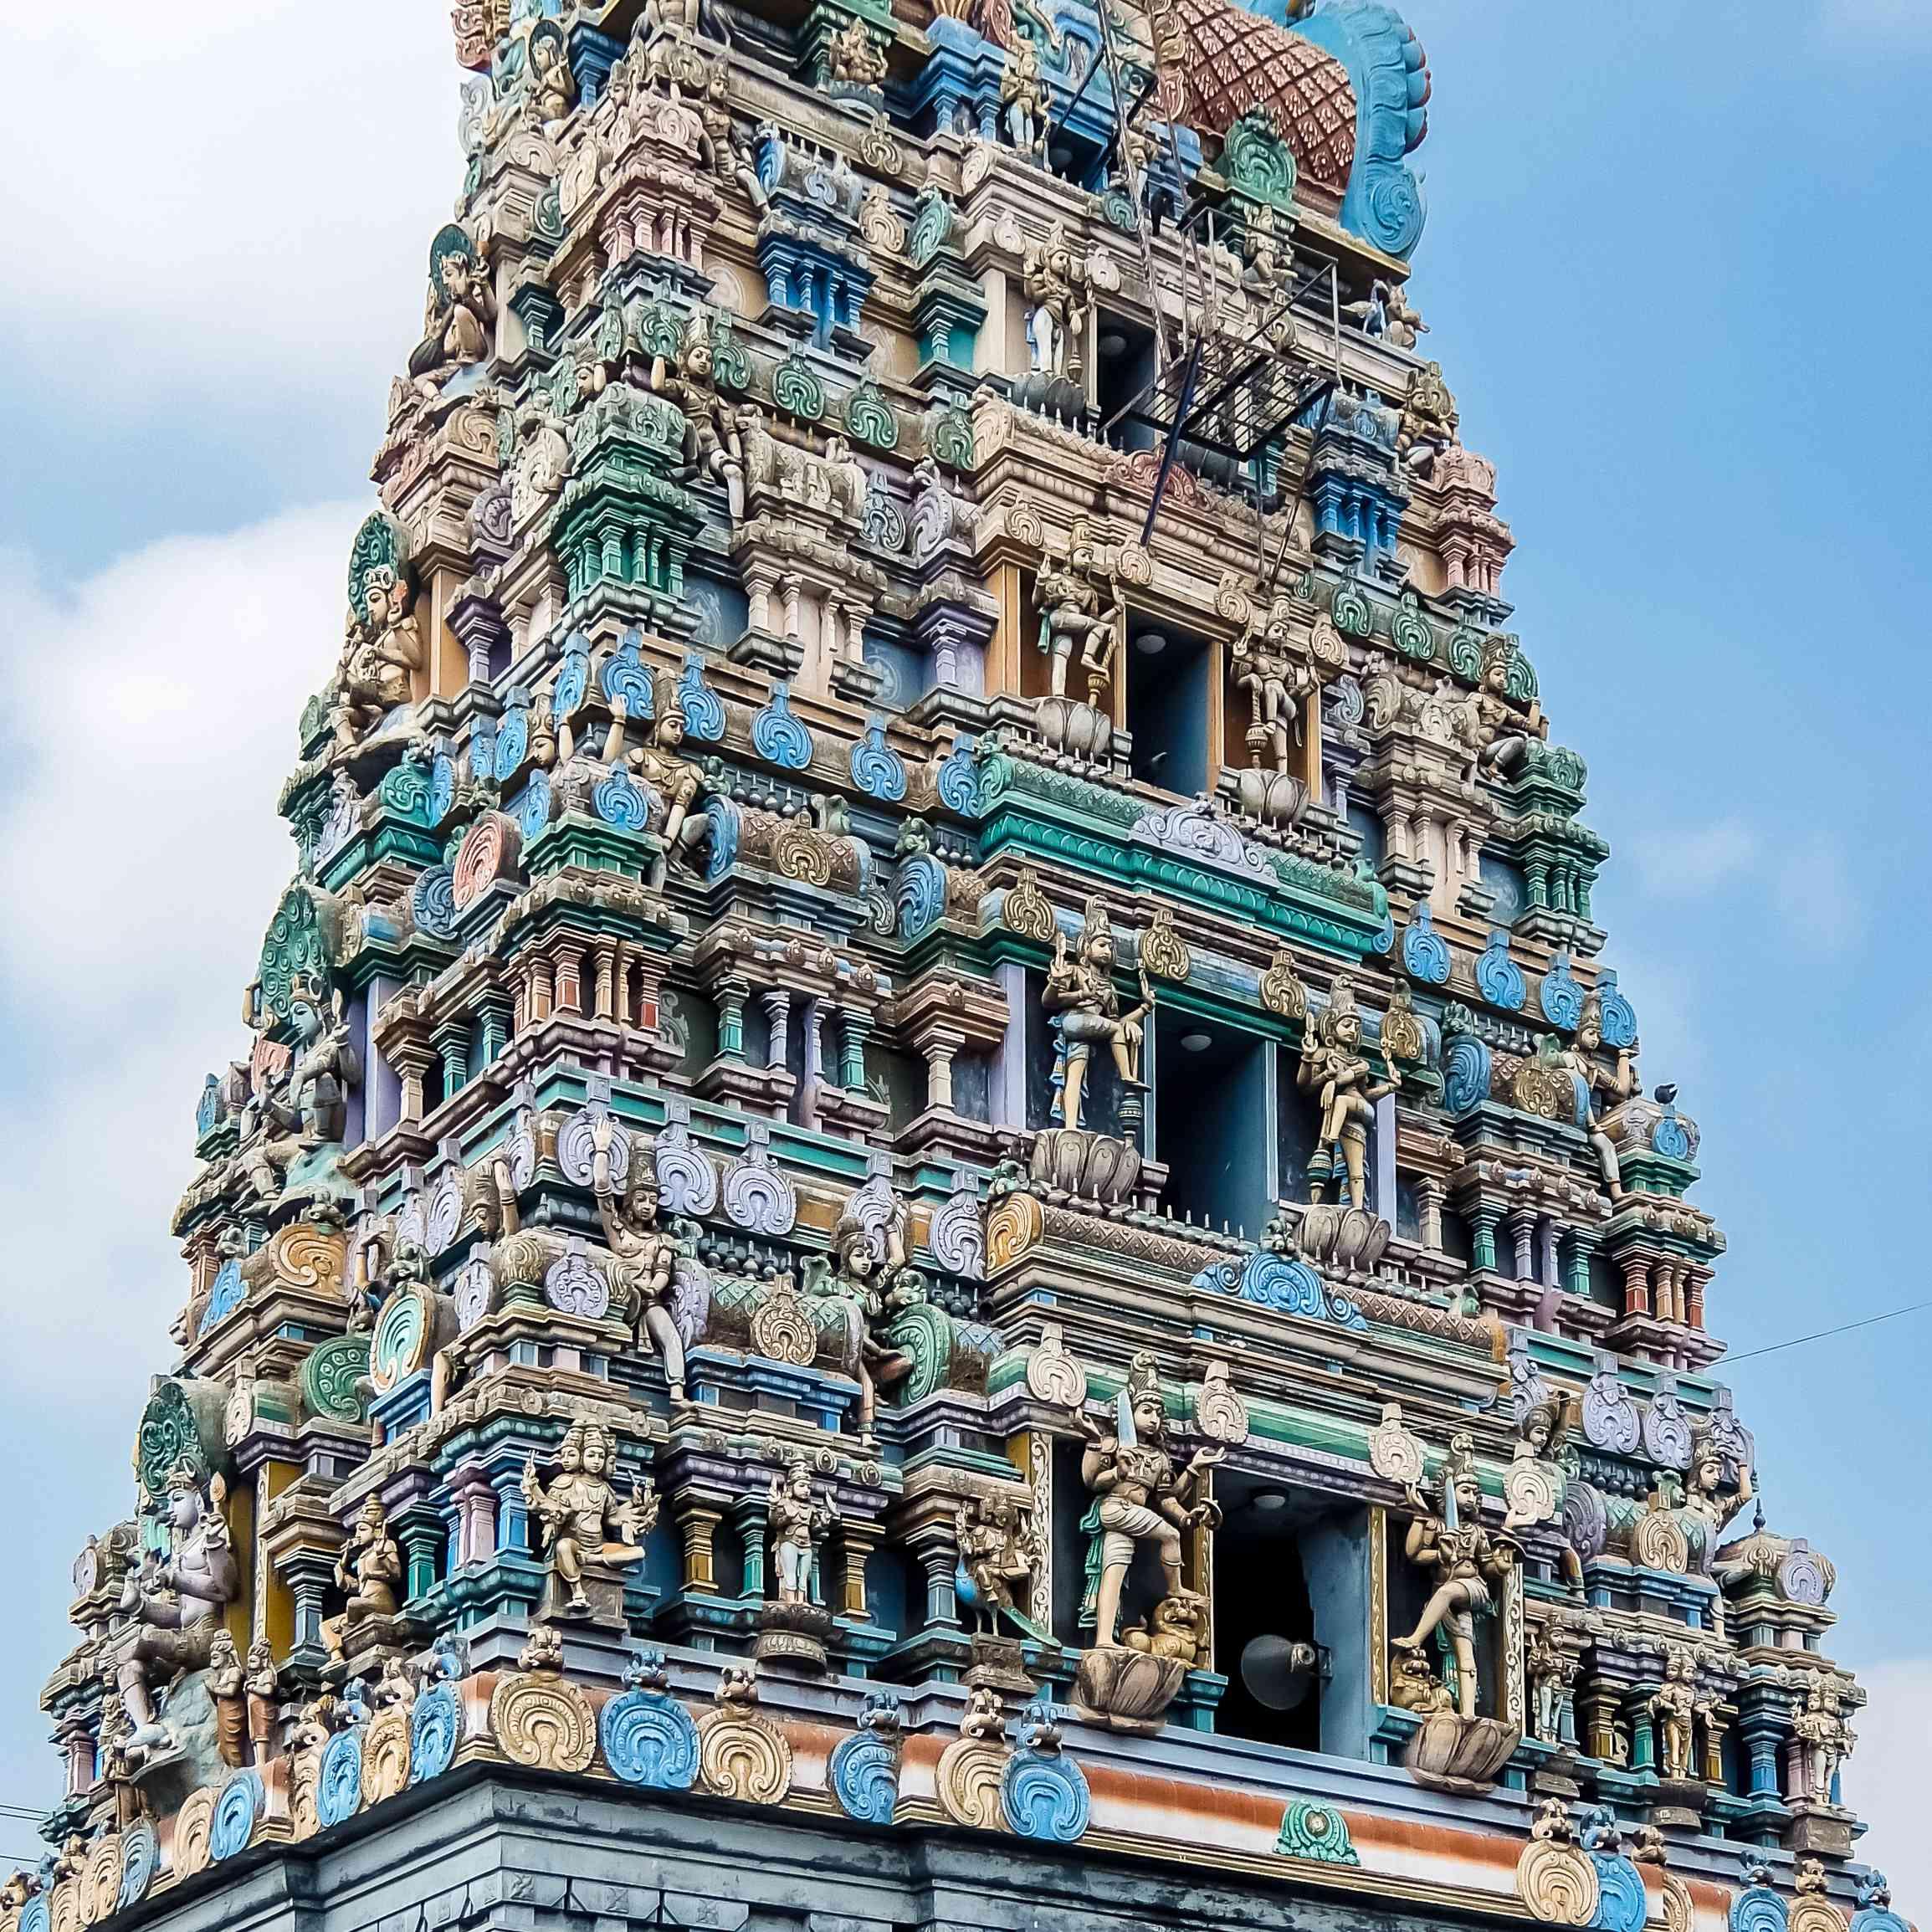 View of Kumarakottam Temple in Kanchipuram, India.